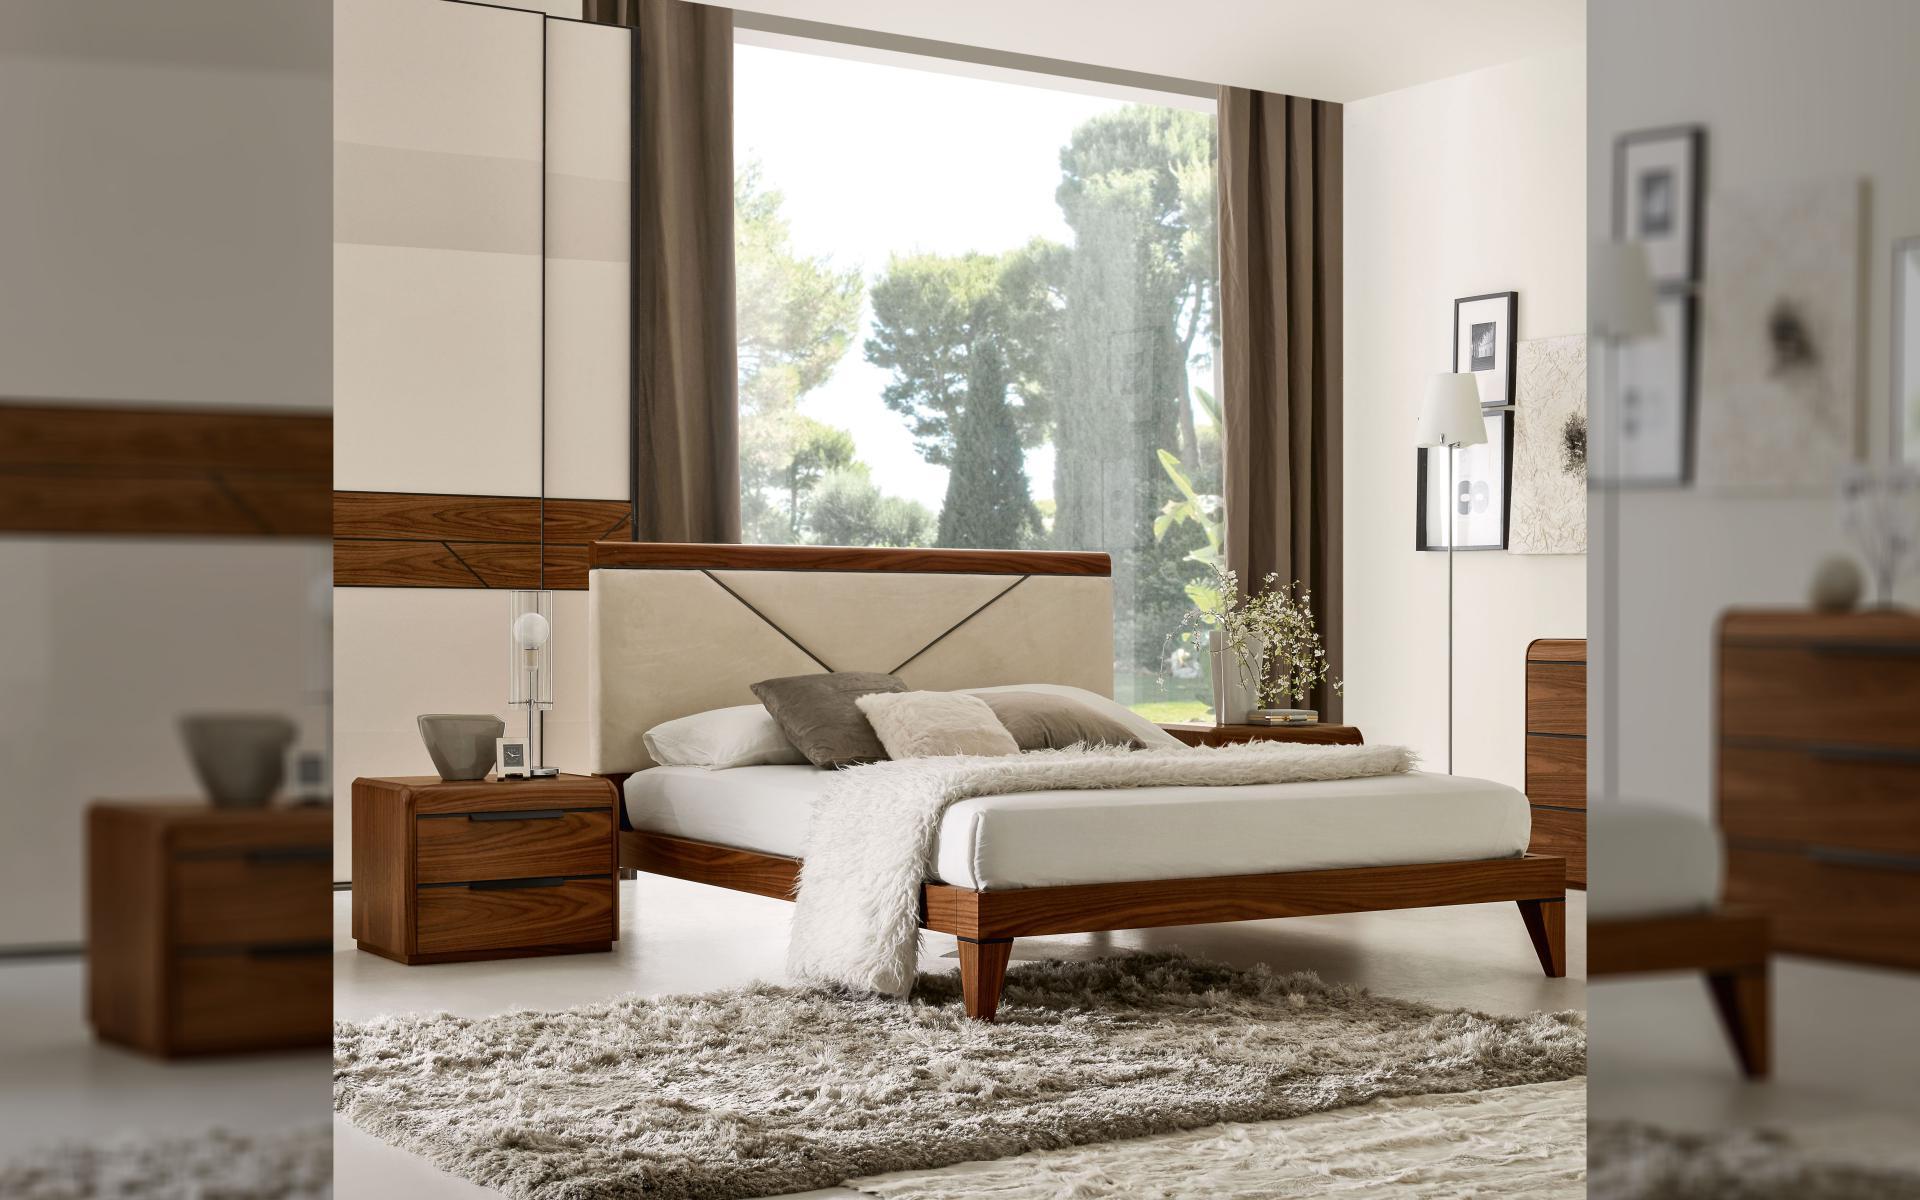 Benedetti Camere Da Letto.Benedetti Mobili Classic And Contemporary Style Wardrobes And Rooms